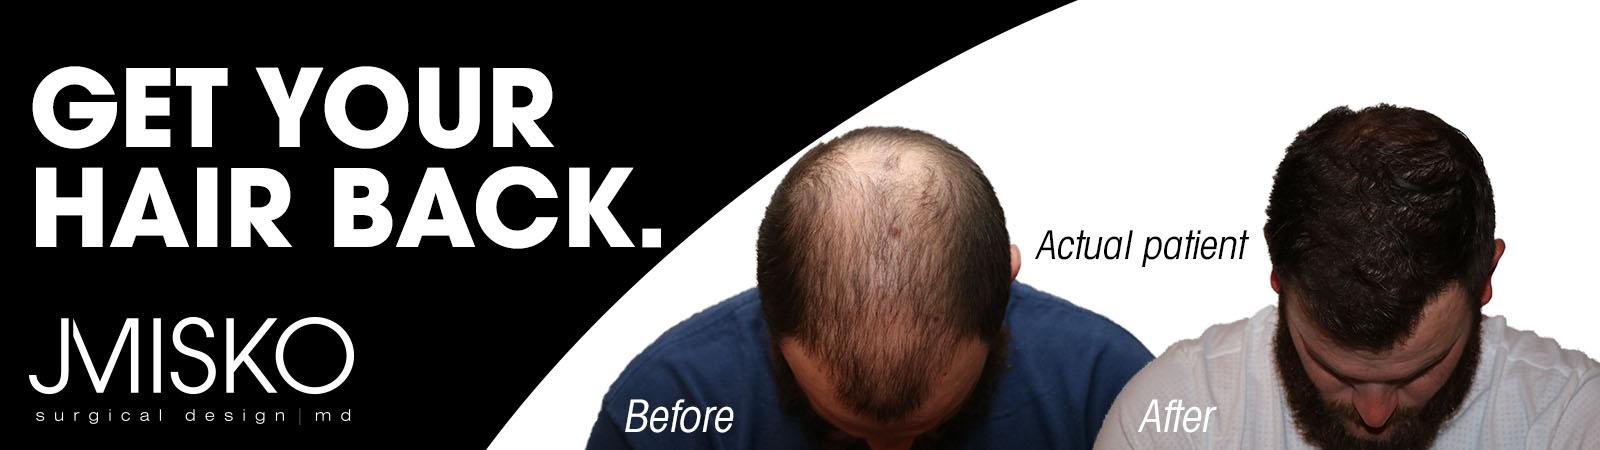 Hair Loss Transformation Alpha Media October Jmisko